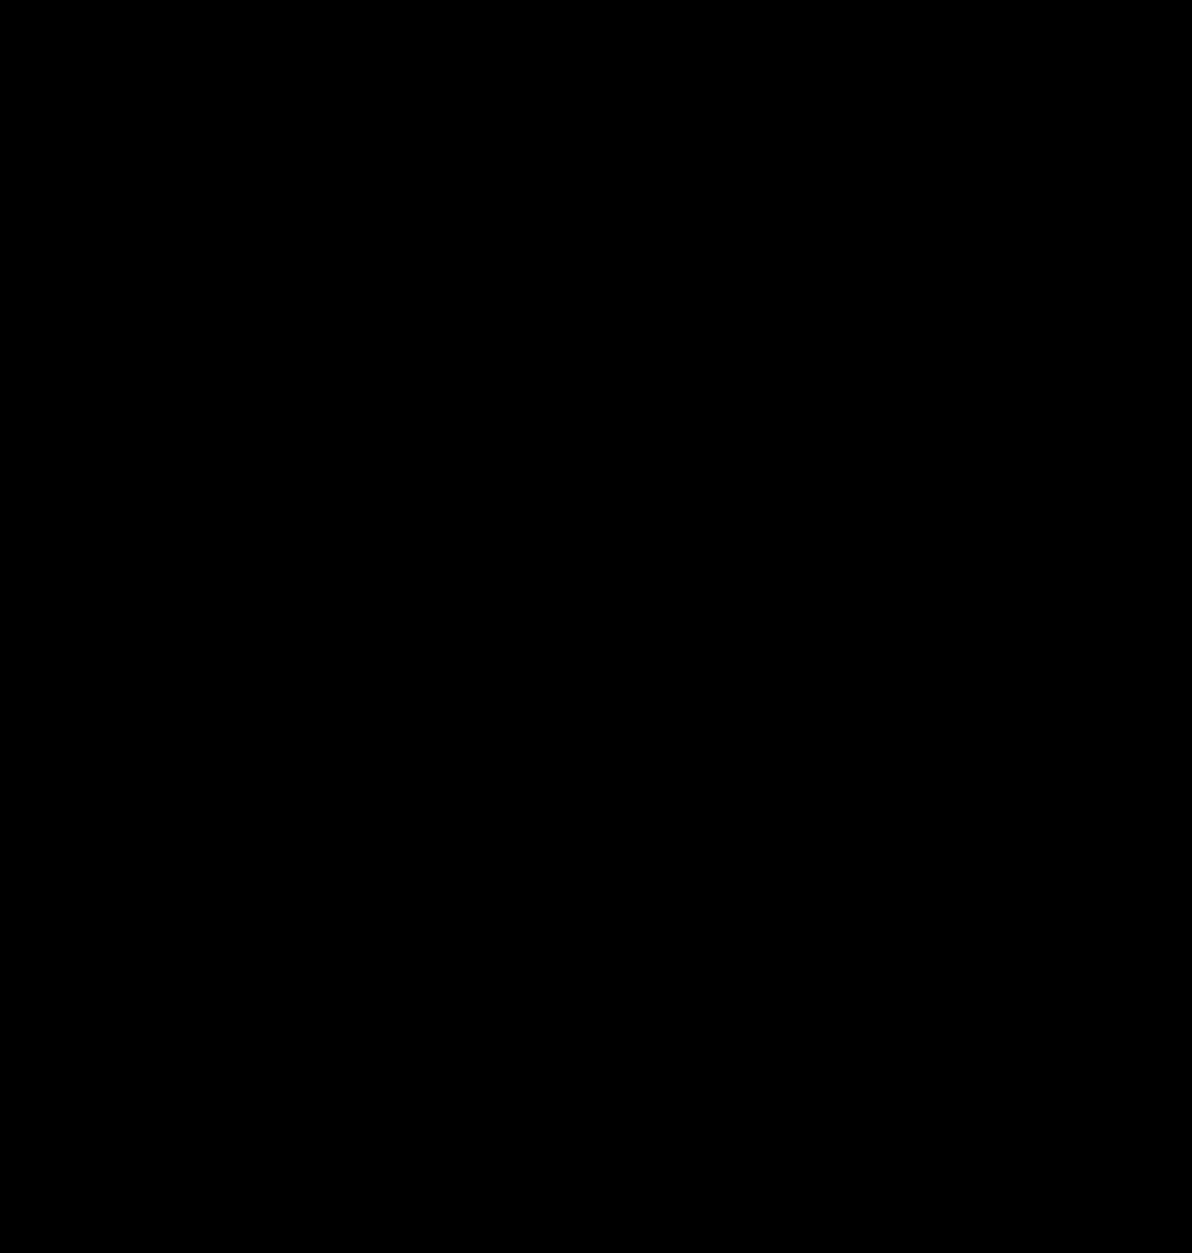 Rik Torfs, Recteur de la KULeuven de 2013 à 2017 (LEAD 2019)